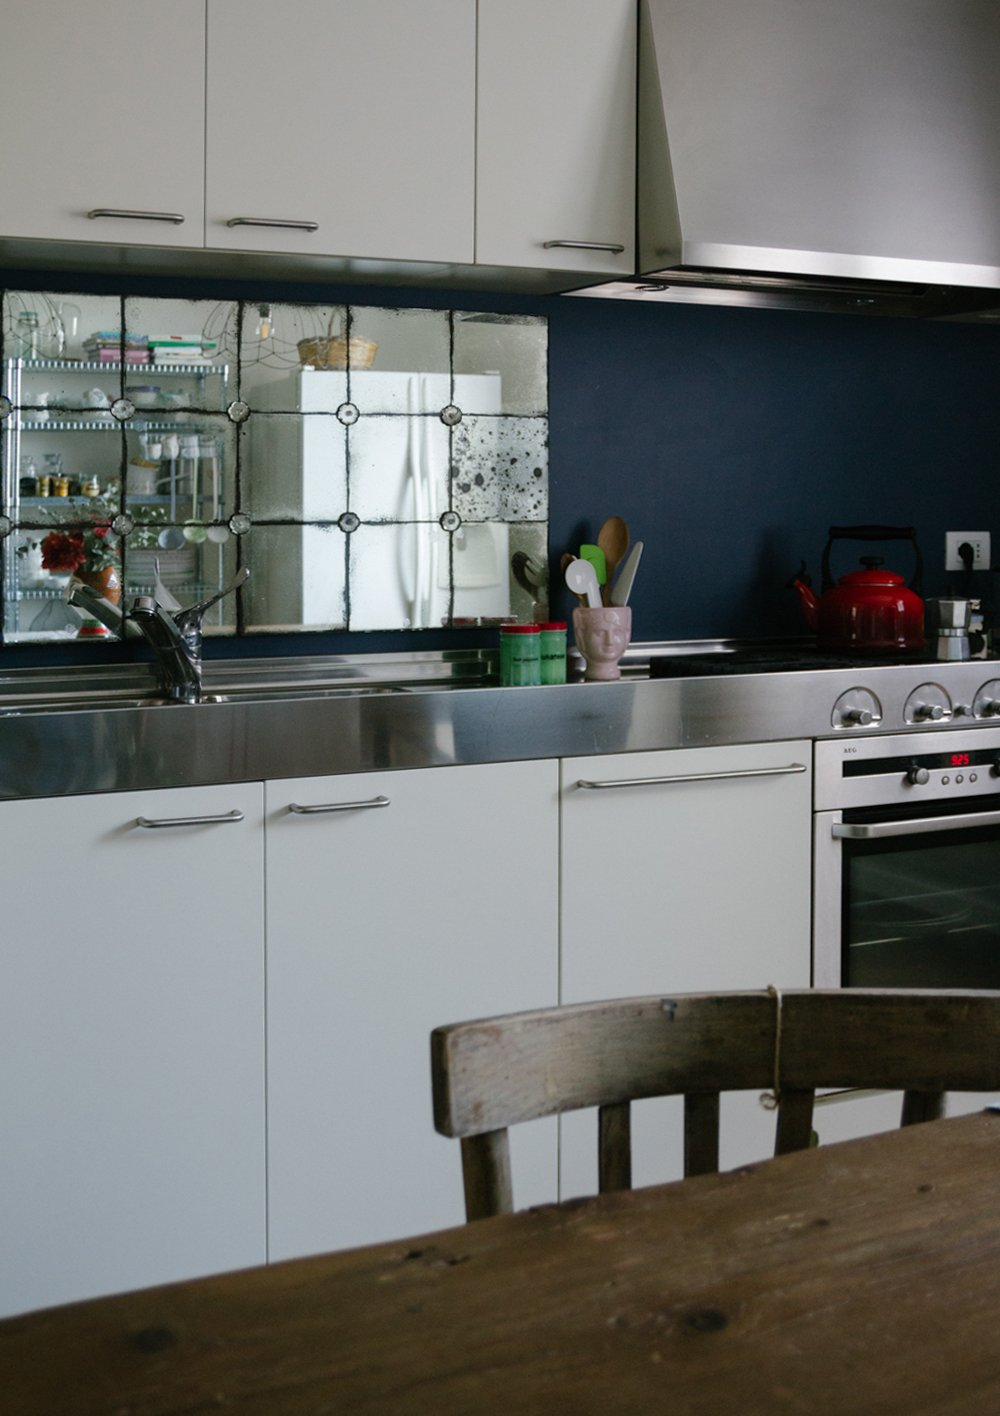 Lo Specchio In Cucina arredare con i colori, i dettagli a casa di francesca - a